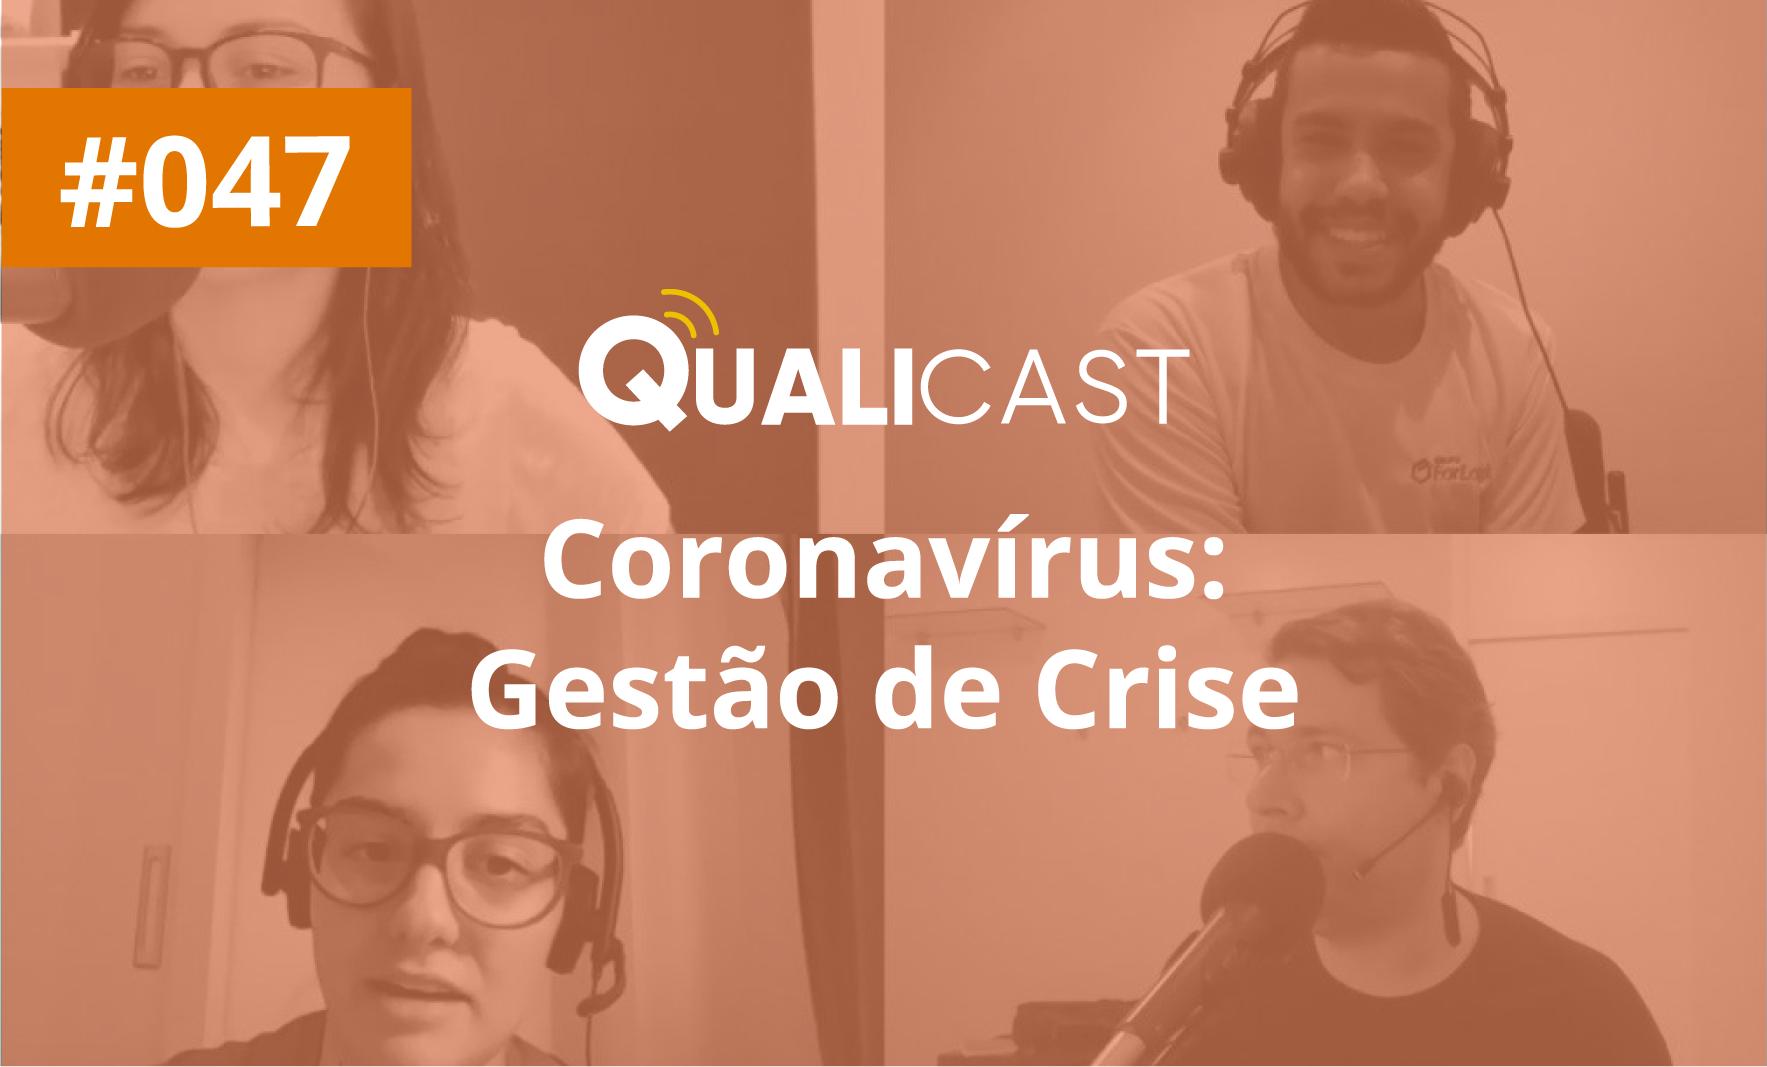 #047 – Gestão de Crise [Coronavírus]